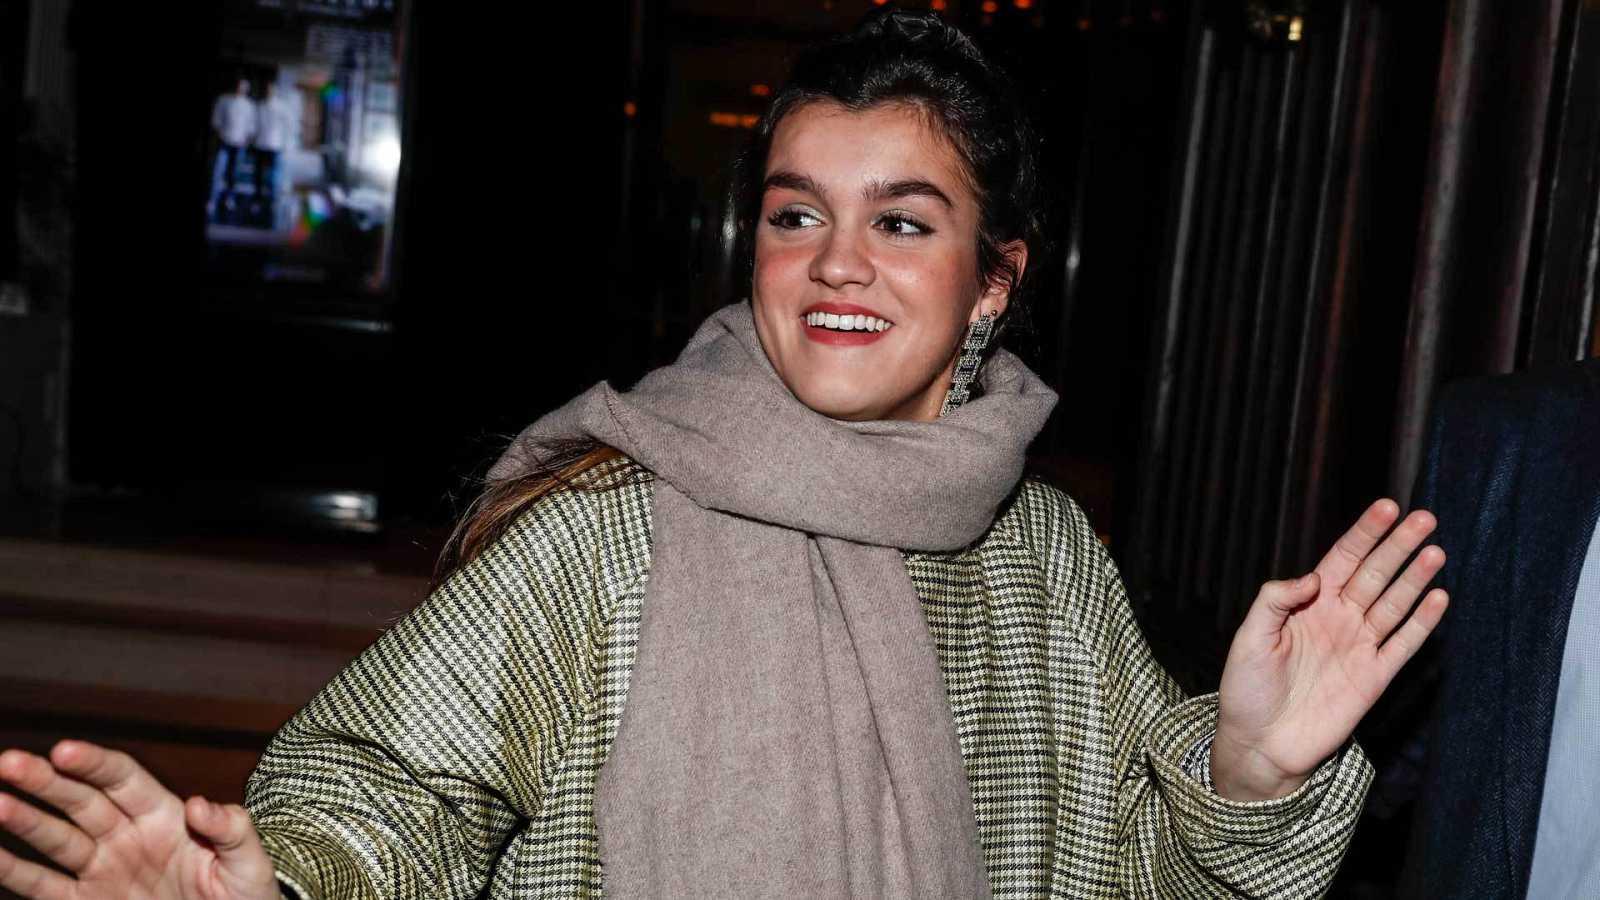 Amaia asistiendo a los premios Odeón el pasado mes de enero.